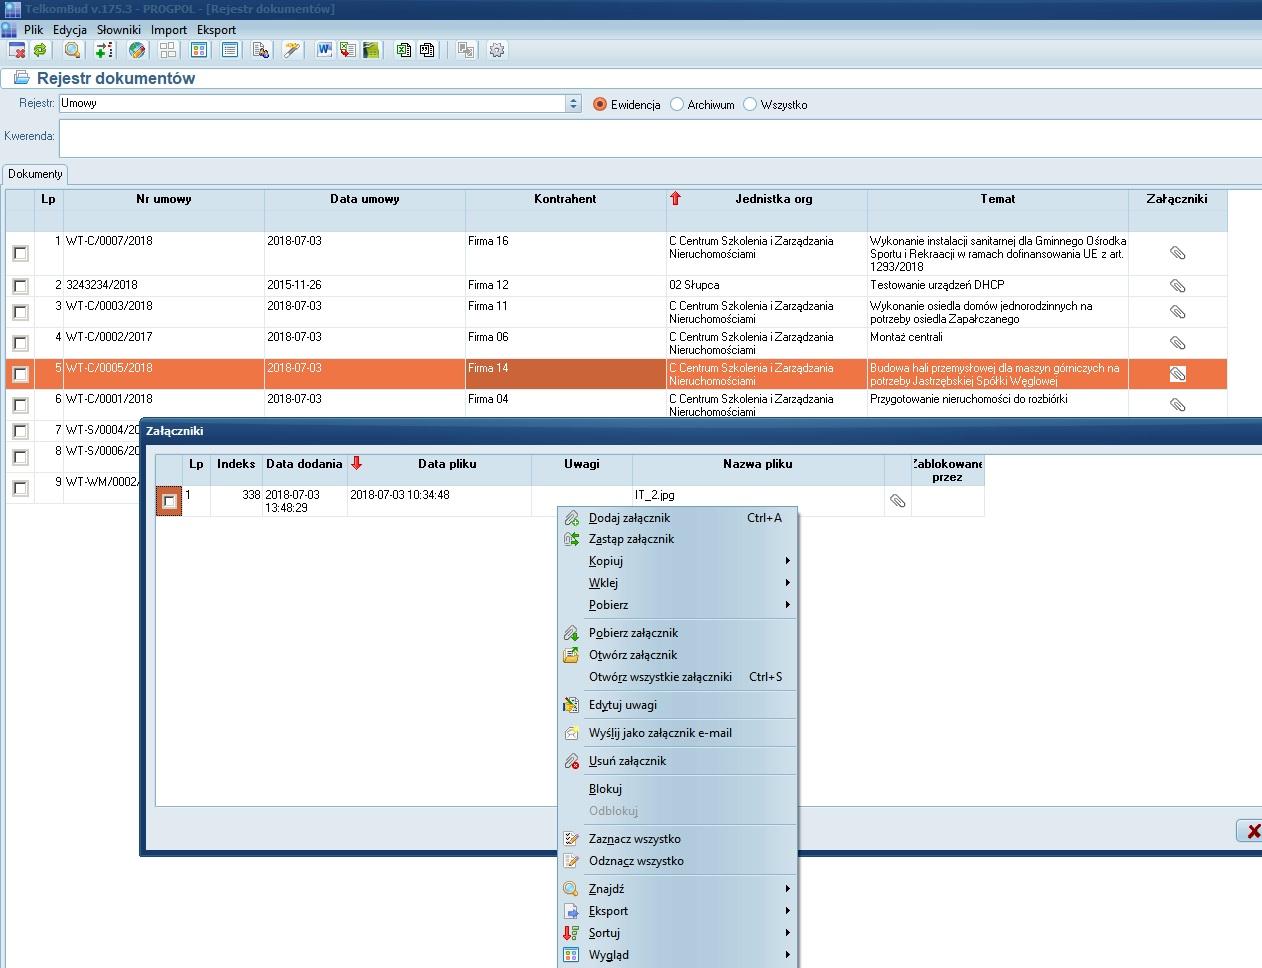 Formularz Załączniki rejestru dokumentów systemu TelkomBud